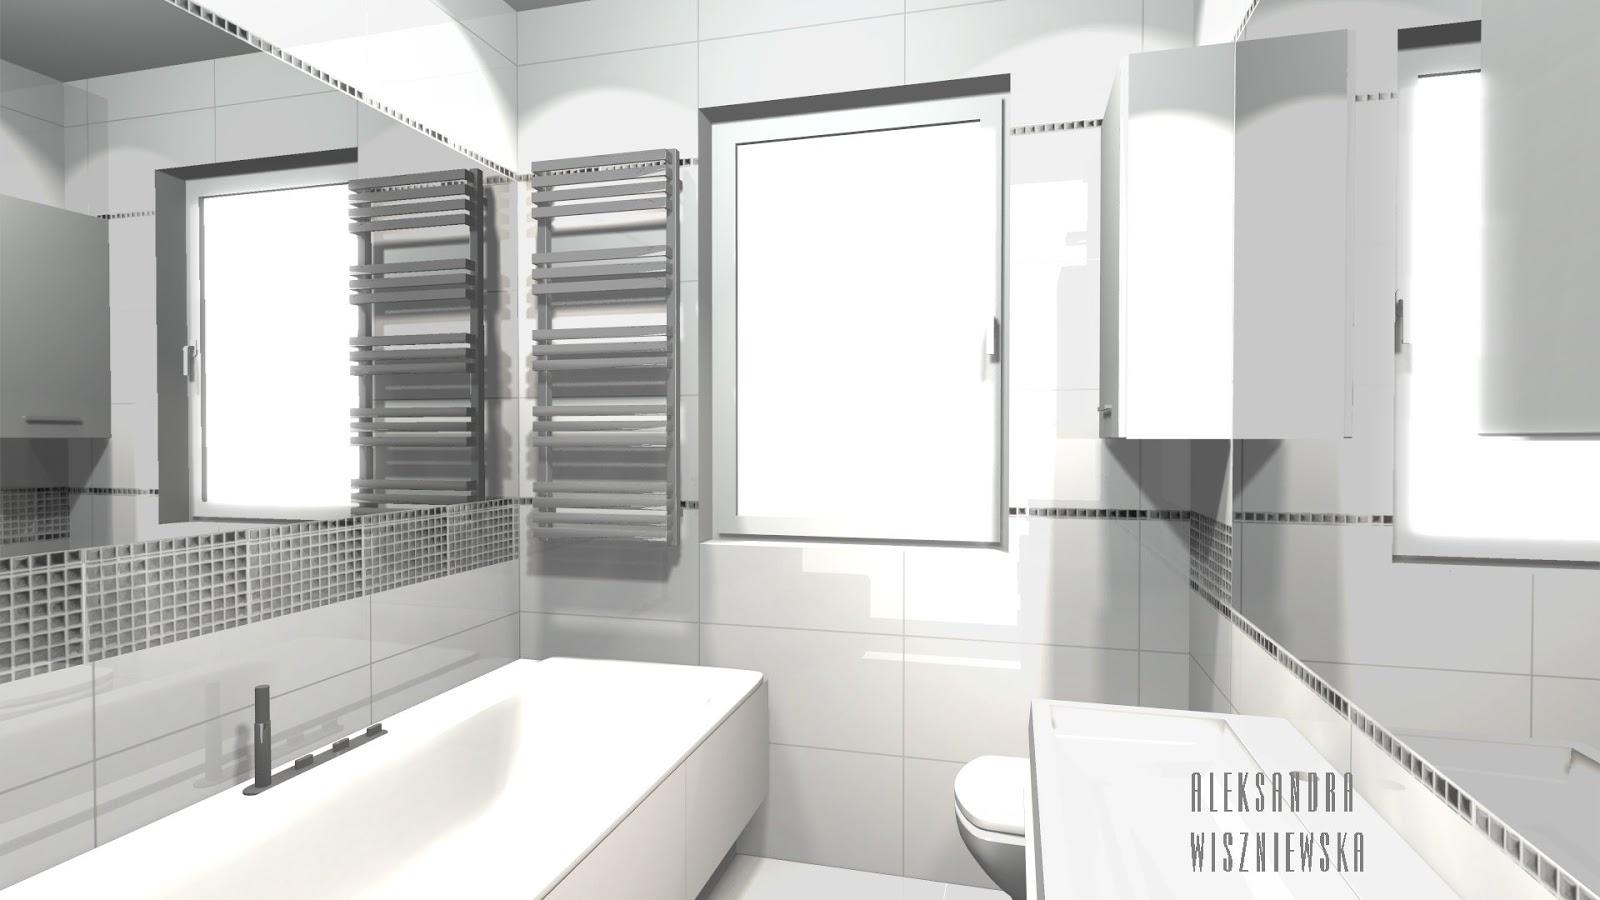 Projekty łazienek, wizualizacje: BIAŁA z lustrzaną mozaiką